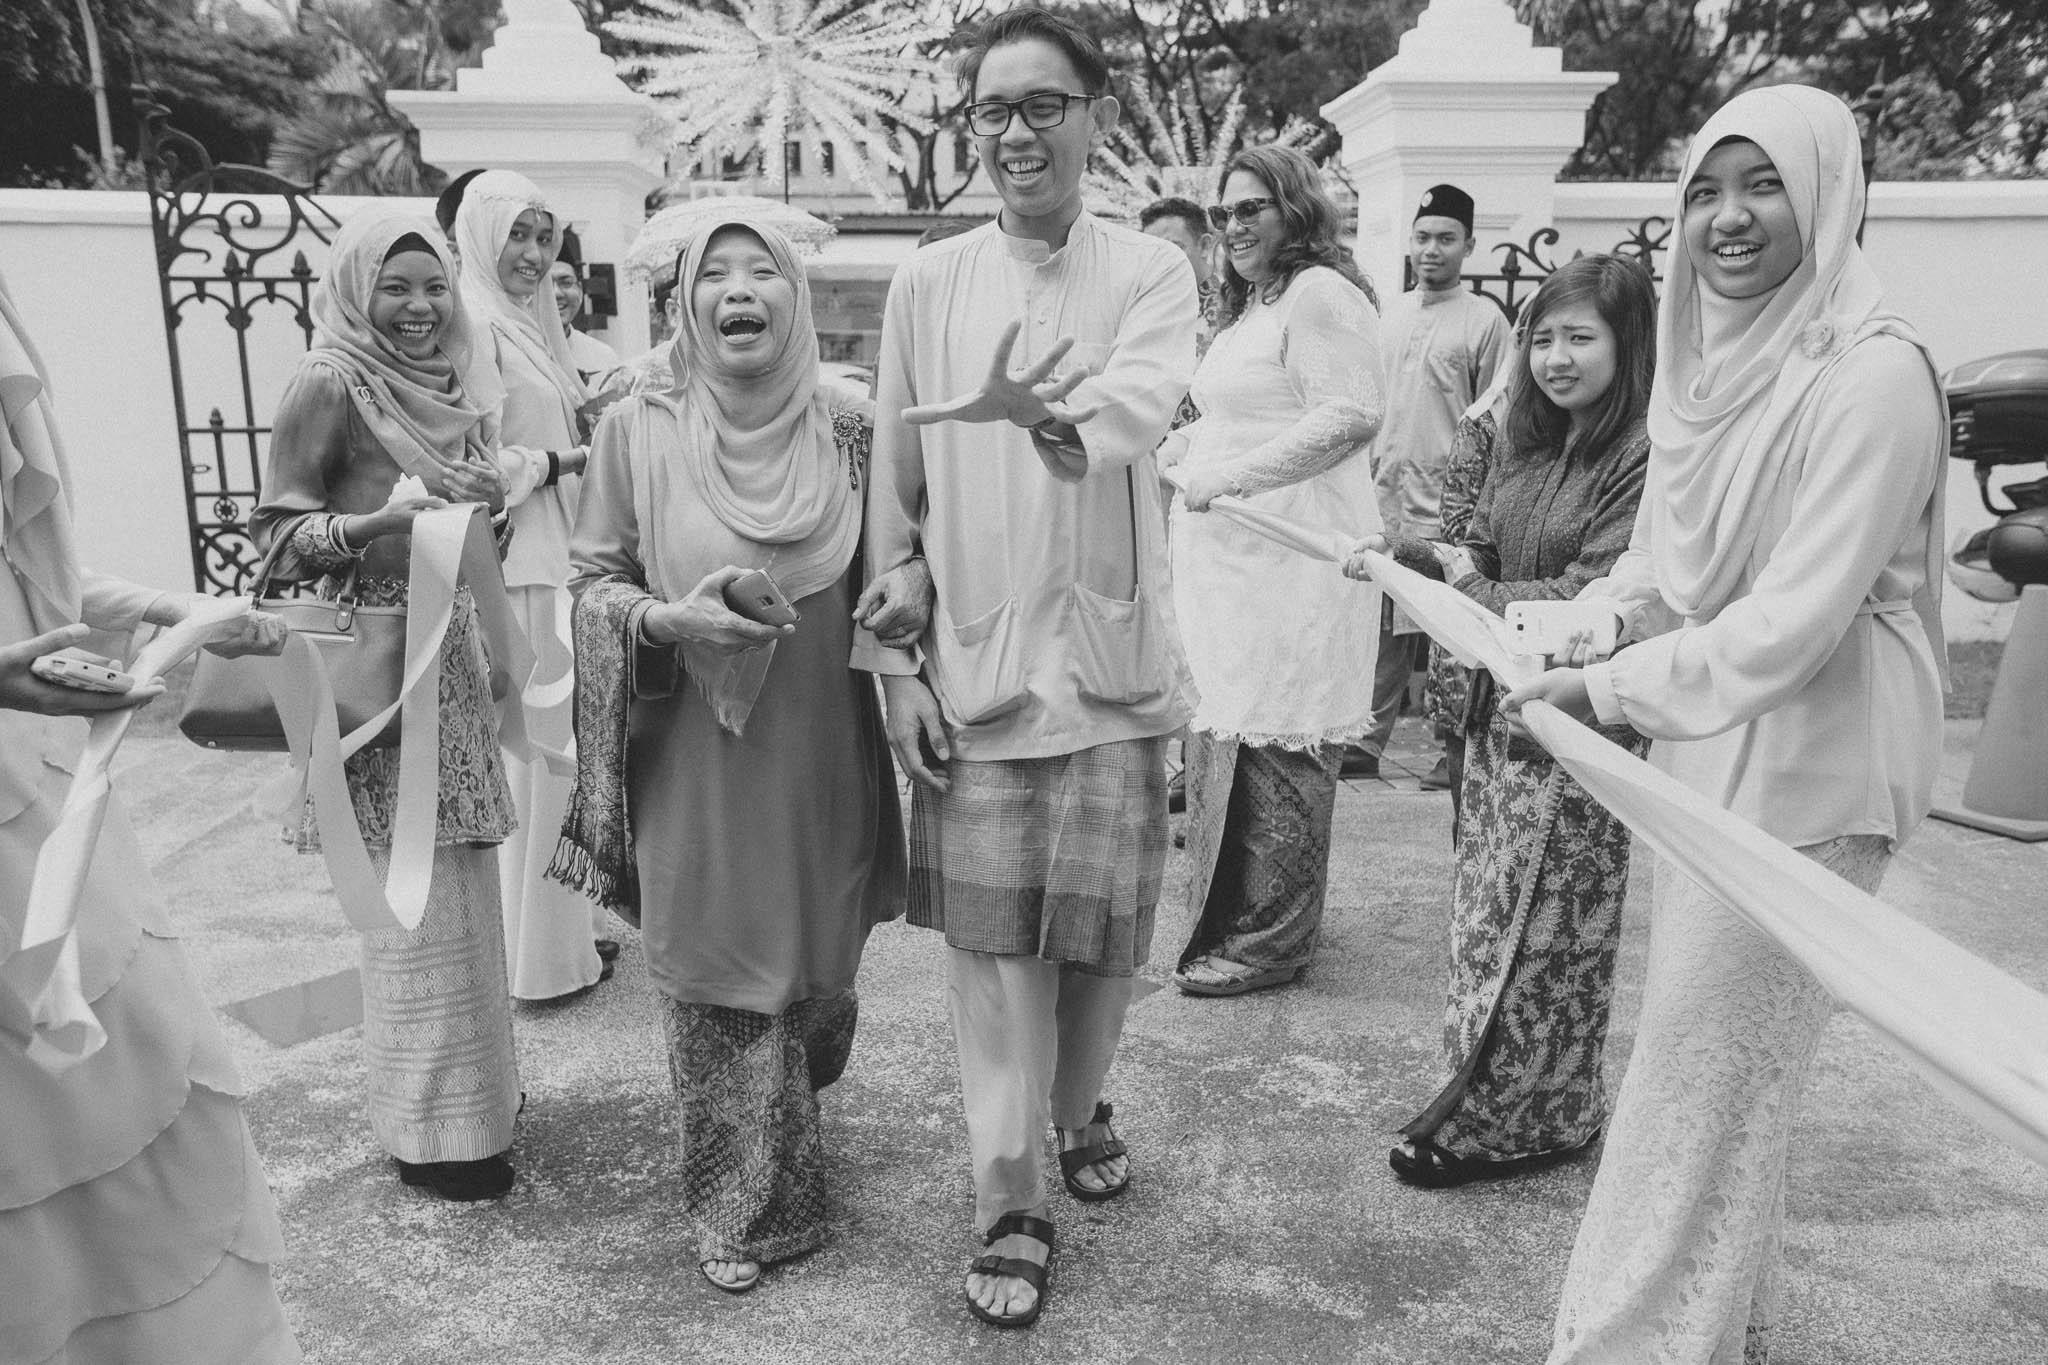 singapore-wedding-photographer-travel-wemadethese-atara-hafizah-38.jpg